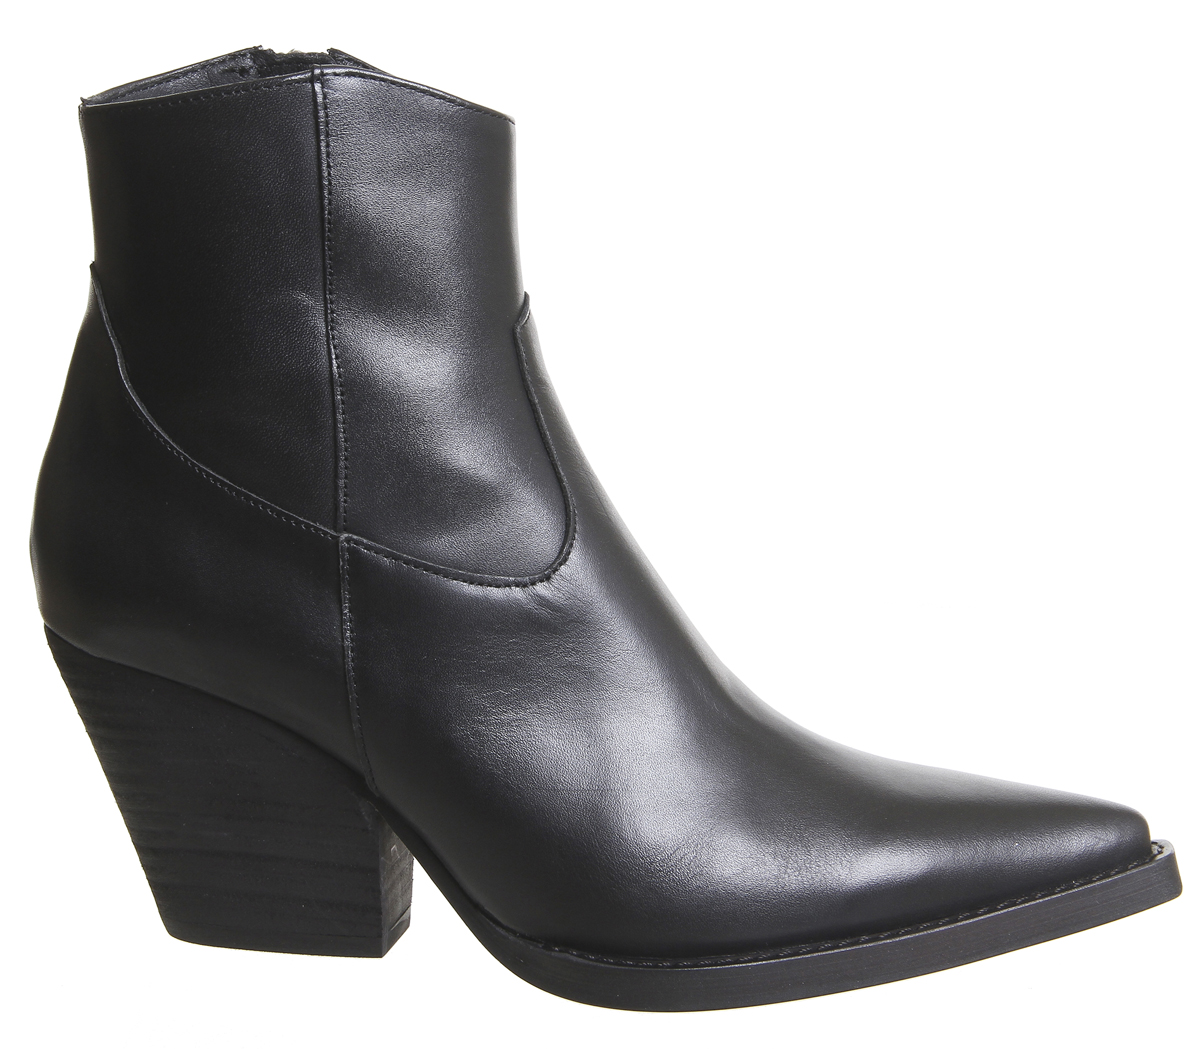 Botas para mujer extremo oeste de oficina arriba Botas De Cuero Negro